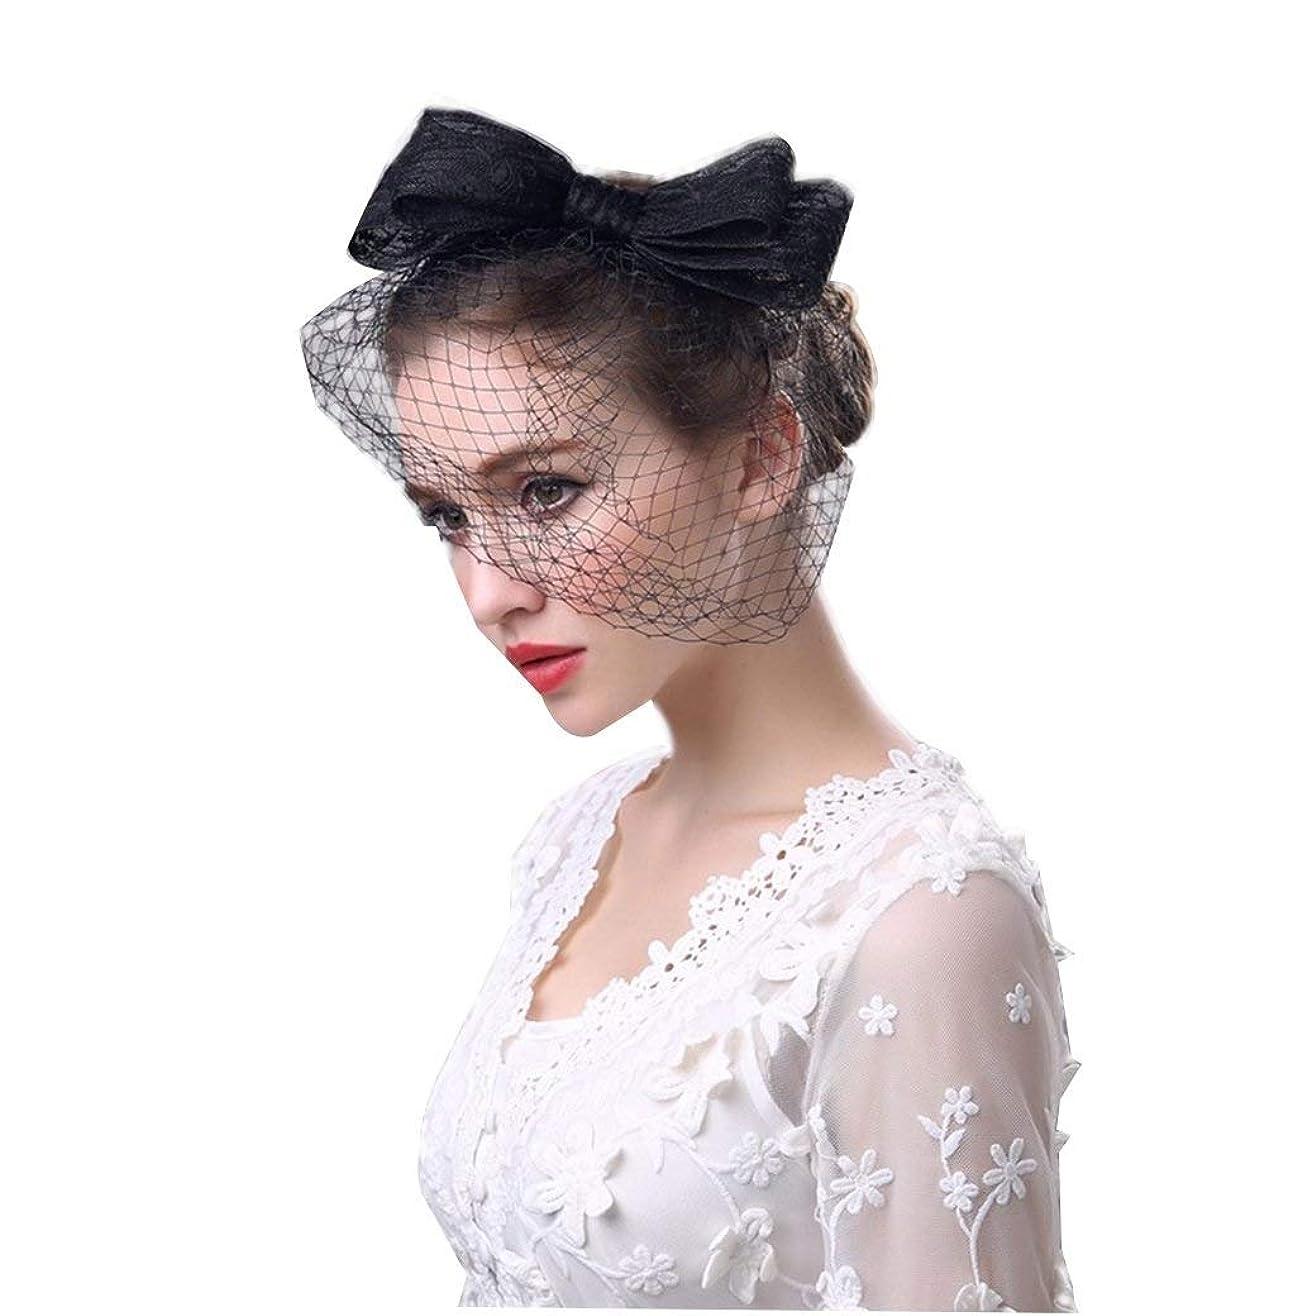 ペルメルタバコキャラバンブライダルヘッドドレス、弓帽子ヴィンテージヘッドドレス手作りイギリスファッションレディースリネン帽子フラワーフェザーメッシュベールウェディングティーパーティー